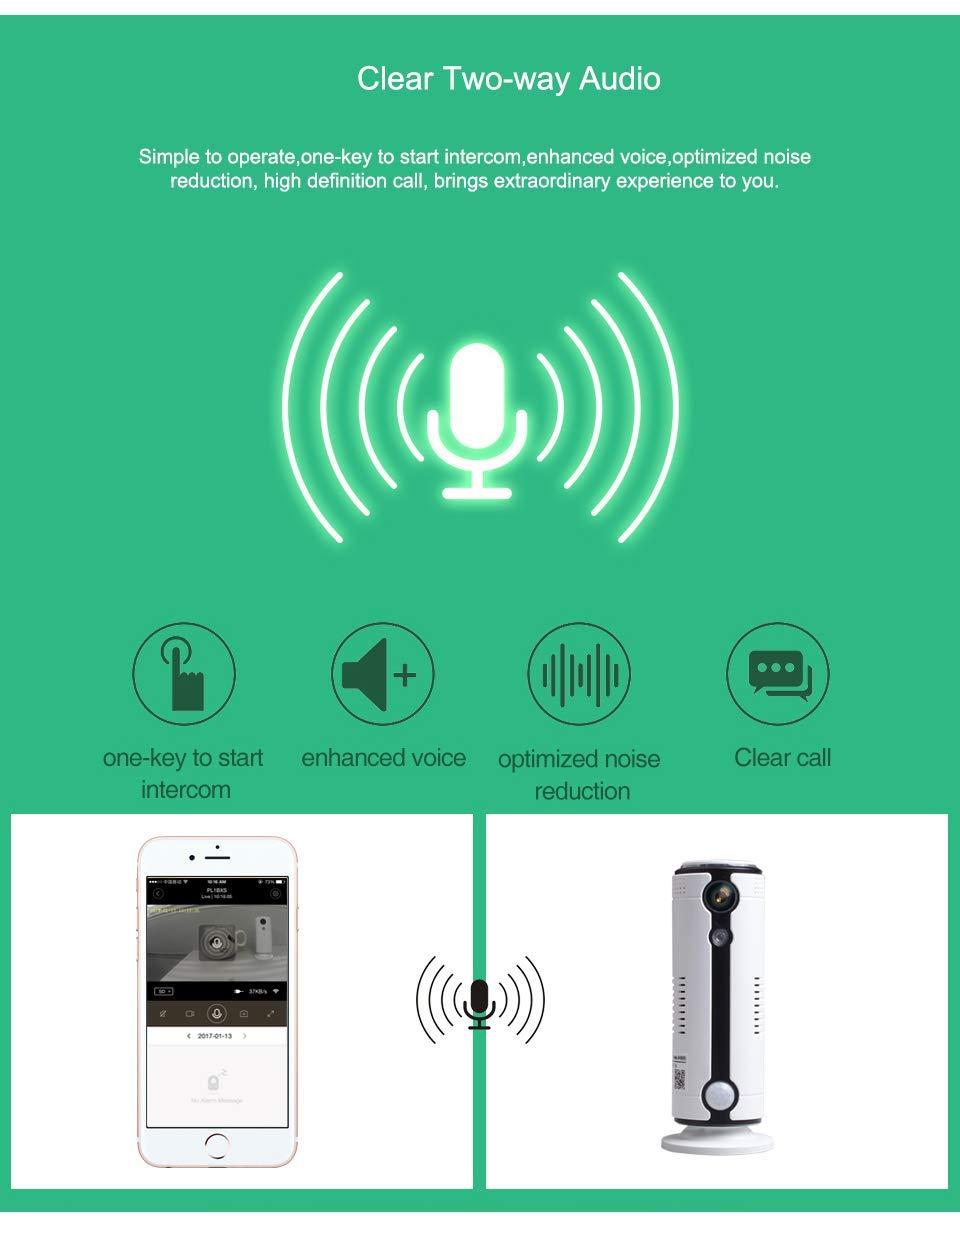 para Mascotas Monitor de beb/és con vigilancia de Audio bidireccional Detecci/ón de Movimiento Visi/ón Nocturna Toptellite 3G C/ámara de Vigilancia FULL HD C/ámara IP WiFi inal/ámbrica